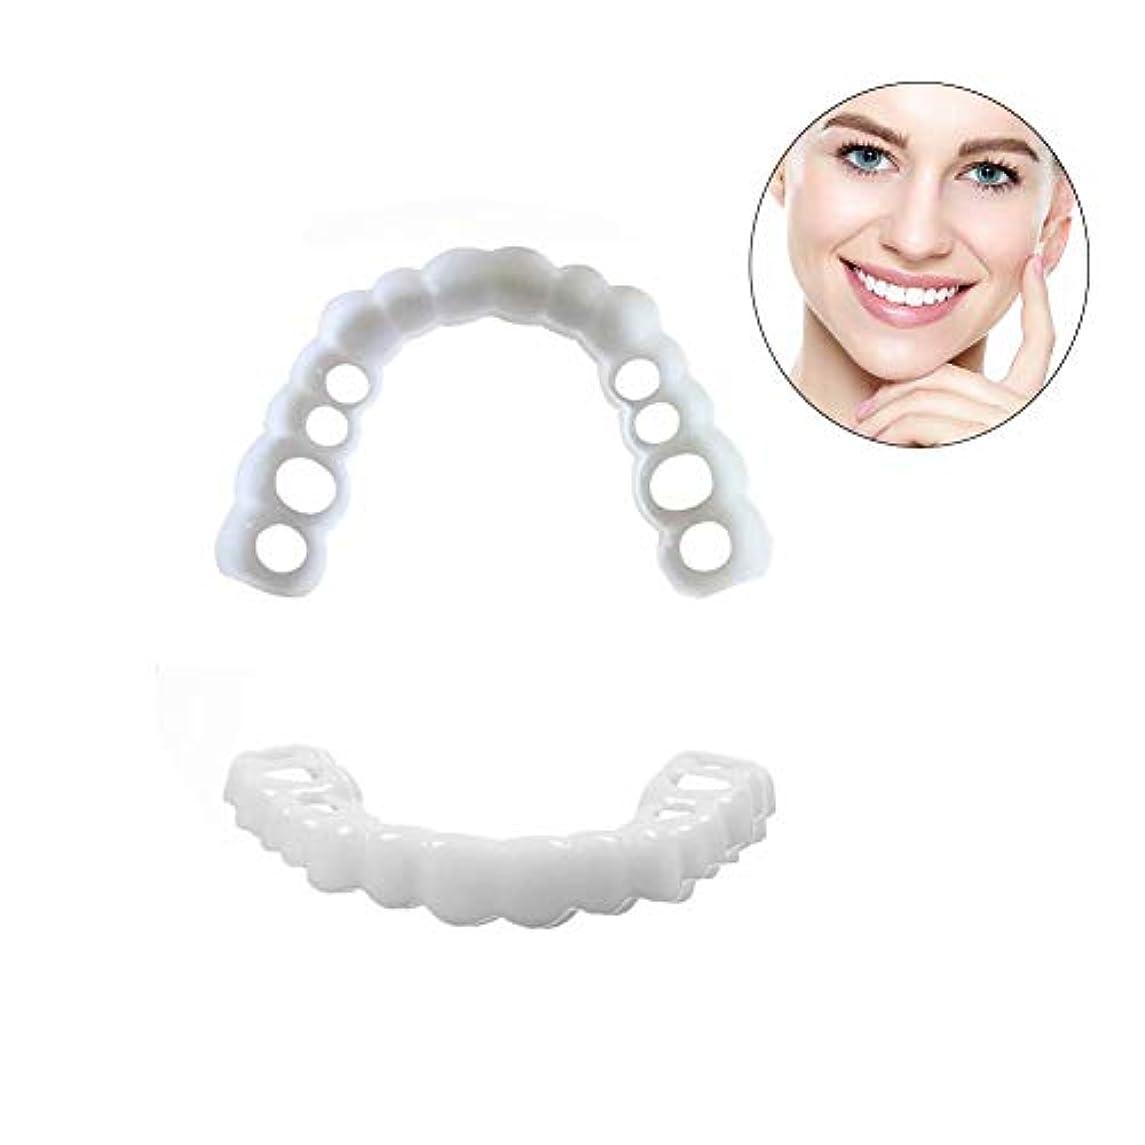 3ペア一時的な化粧品の歯義歯歯の化粧品模擬装具アッパーブレース+ロアブレース、インスタント快適なフレックスパーフェクトベニアの歯スナップキャップ